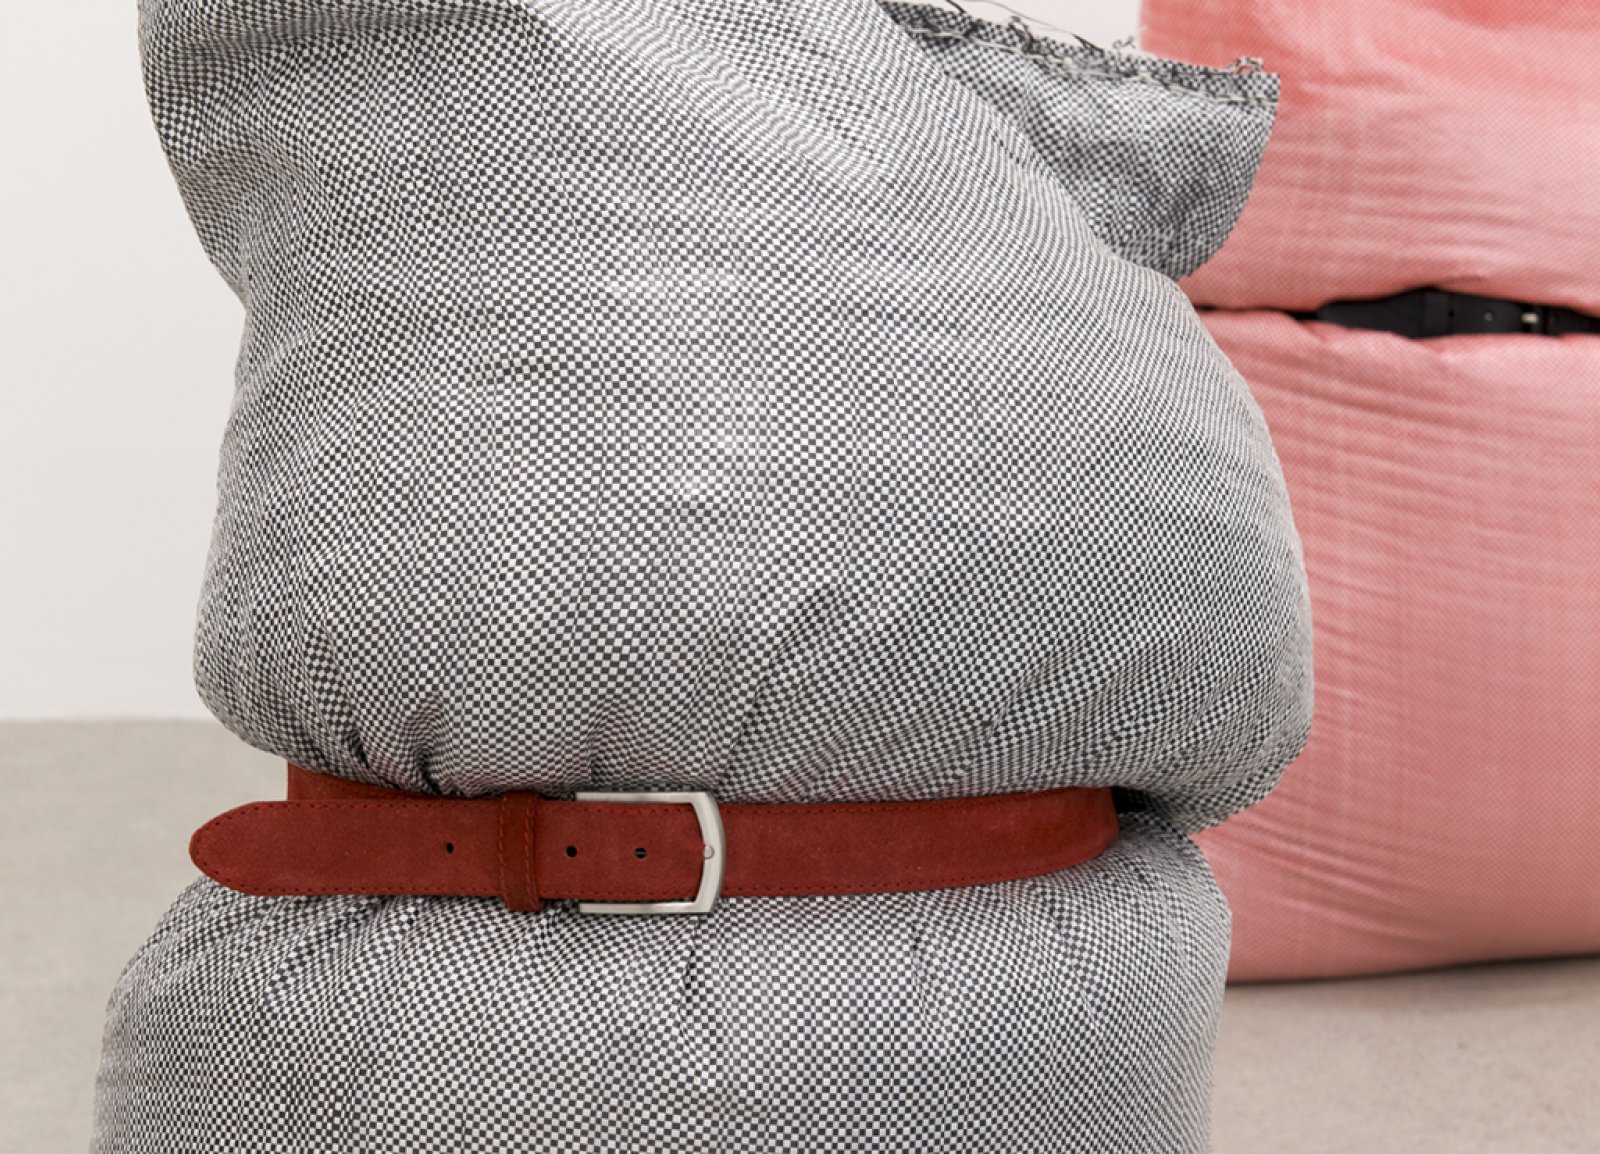 Brian Jungen,Fans(detail), 2013, woven plastic bags, grain, belts, dimensions variable